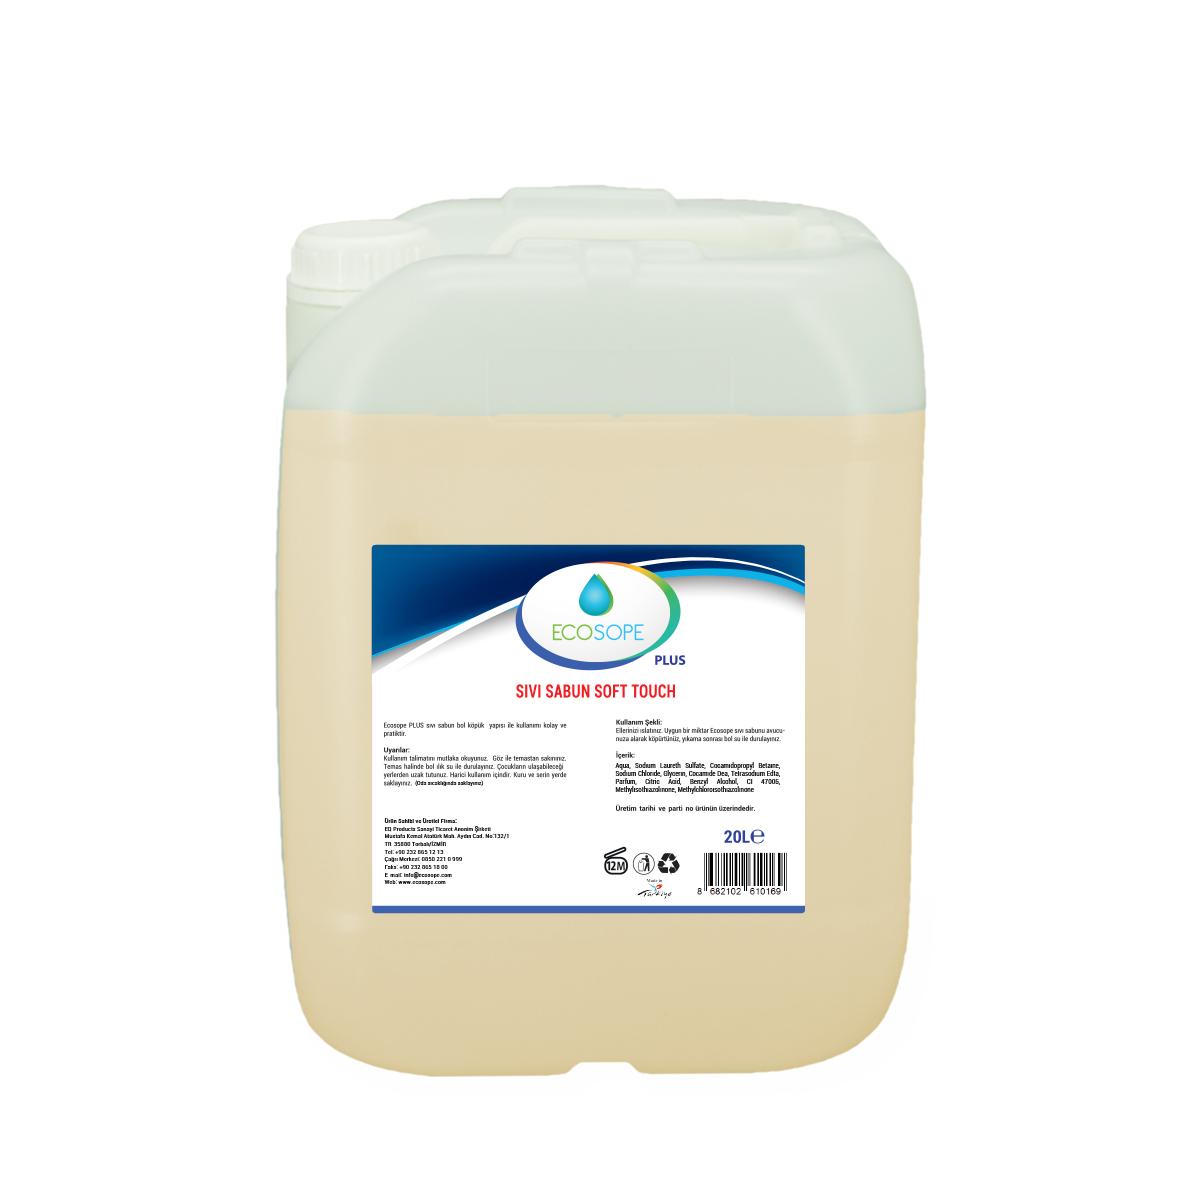 Ecosope Sıvı Sabun Soft Touch